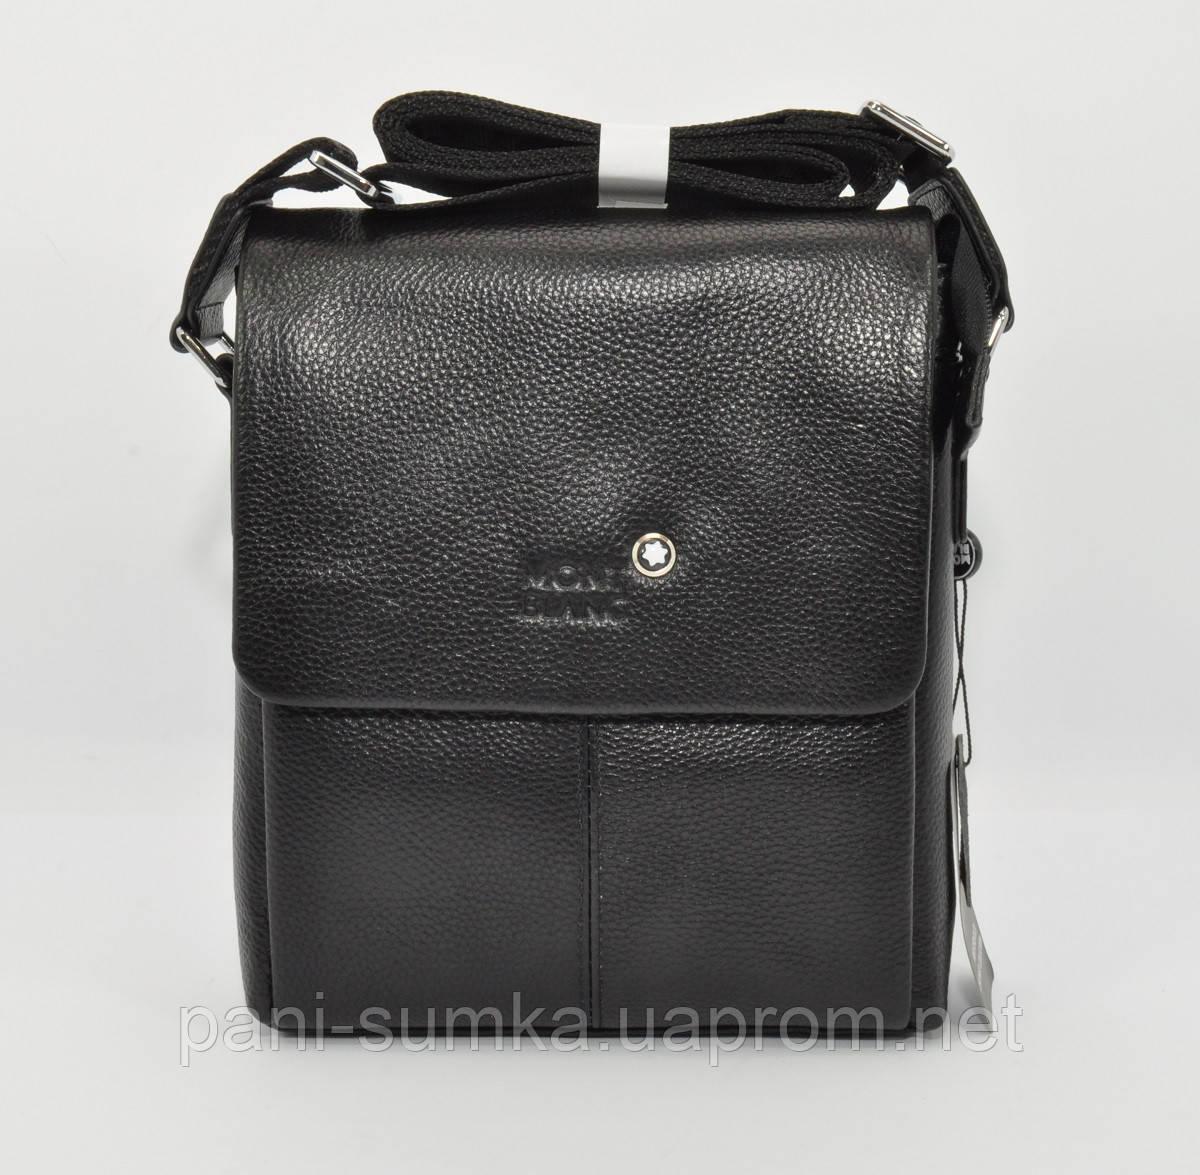 Мужская кожаная сумка MB 9068-1 черная малая